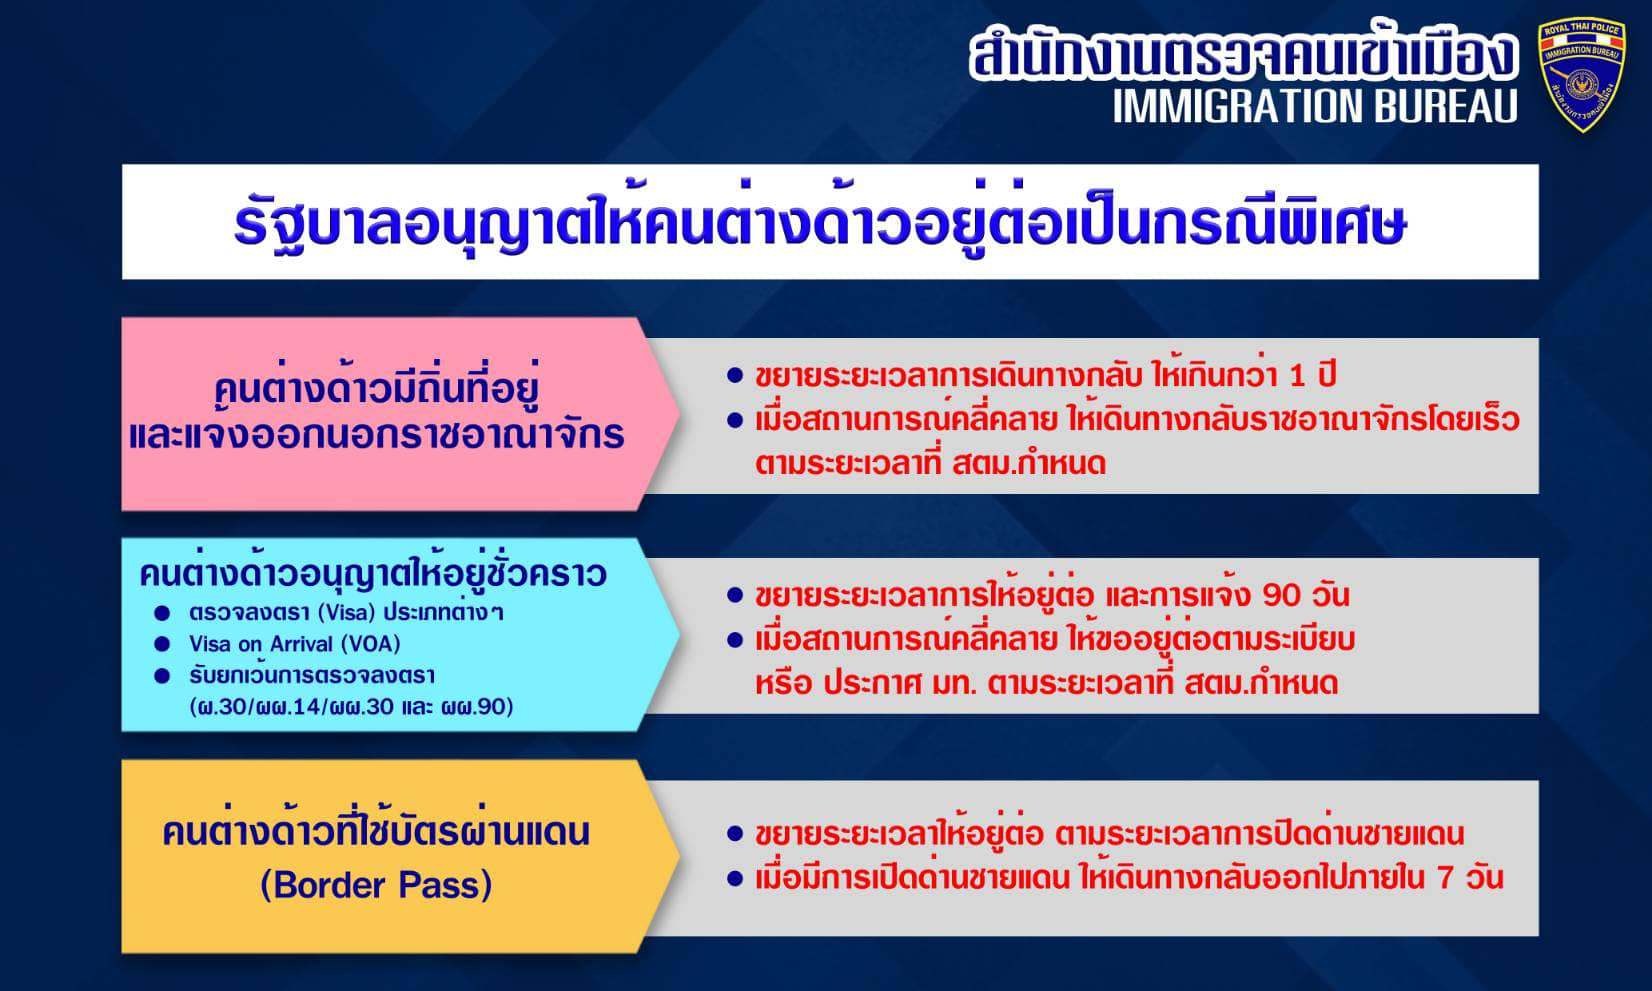 ประชาสัมพันธ์ !! สำหรับนายจ้างต่างด้าว ว่าด้วยรัฐบาลอนุมัติให้คนต่างด้าว (คือ บุคคลธรรมดาที่ไม่มีสัญชาติไทย) ให้สามารถอยู่ในไทยได้...จนกว่าสถานการณ์ COVID-19 จะคลี่คลาย